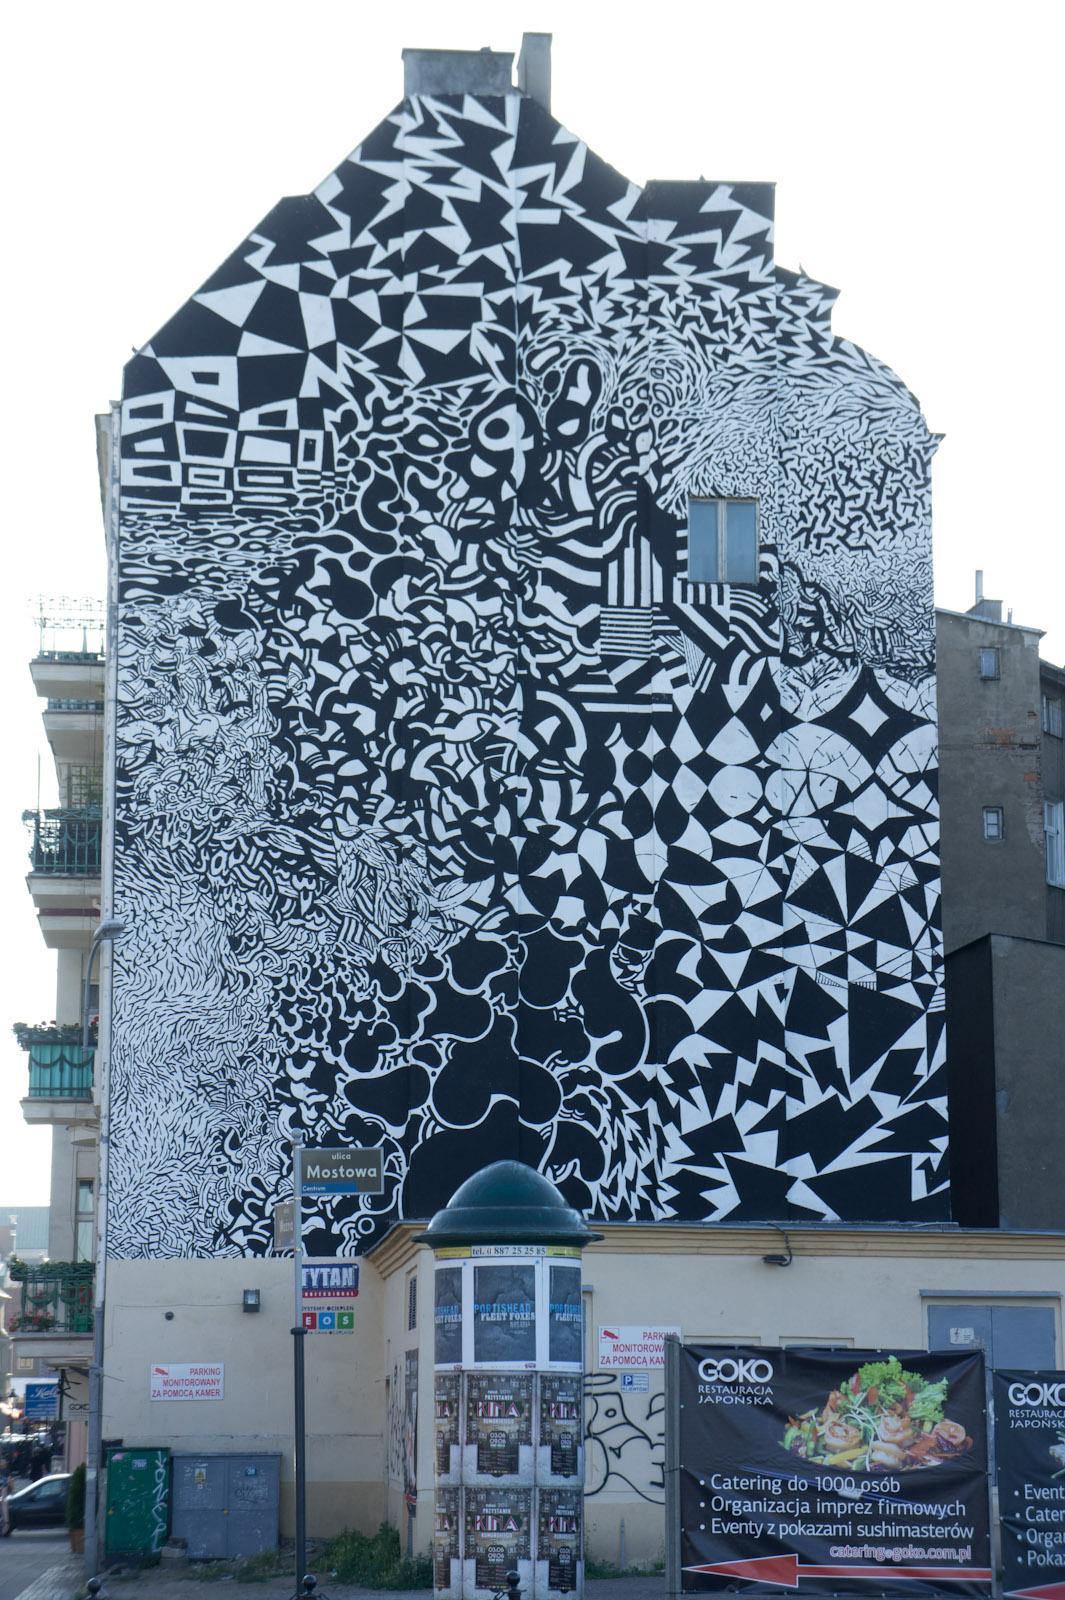 Muurschildering in Poznań